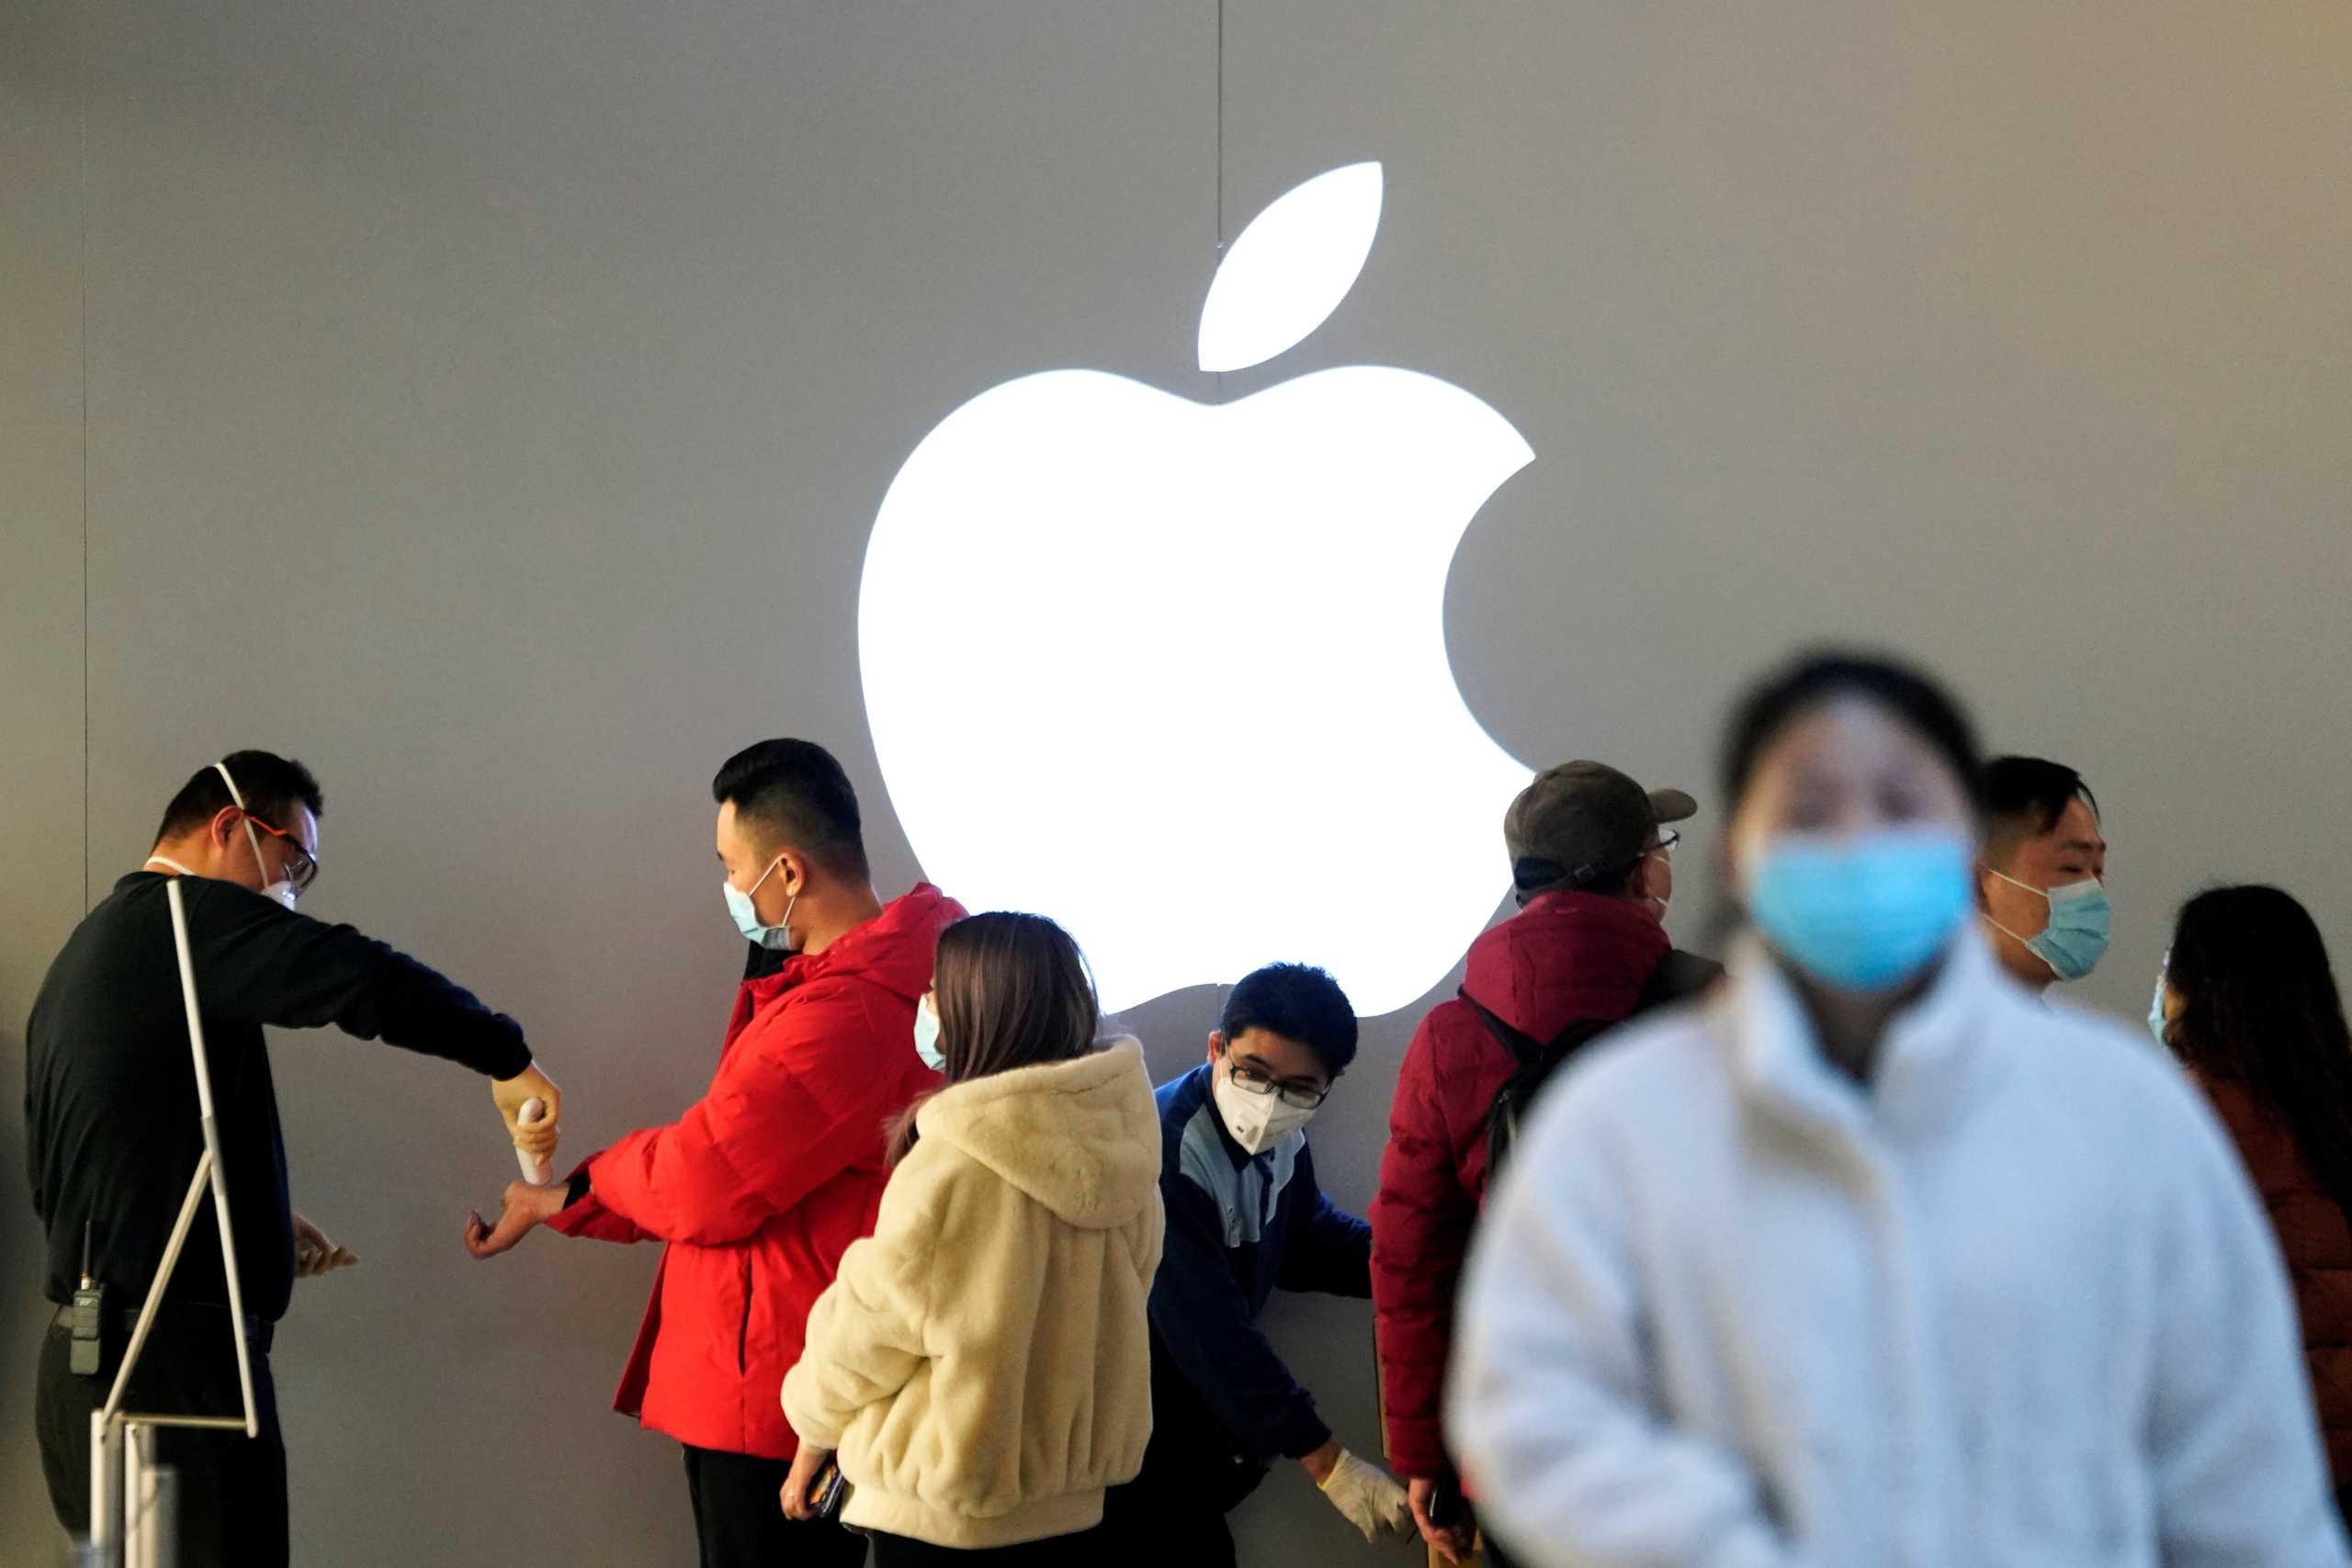 Κορονοϊός: Η Apple καλεί τους υπαλλήλους της να δουλεύουν από το σπίτι!